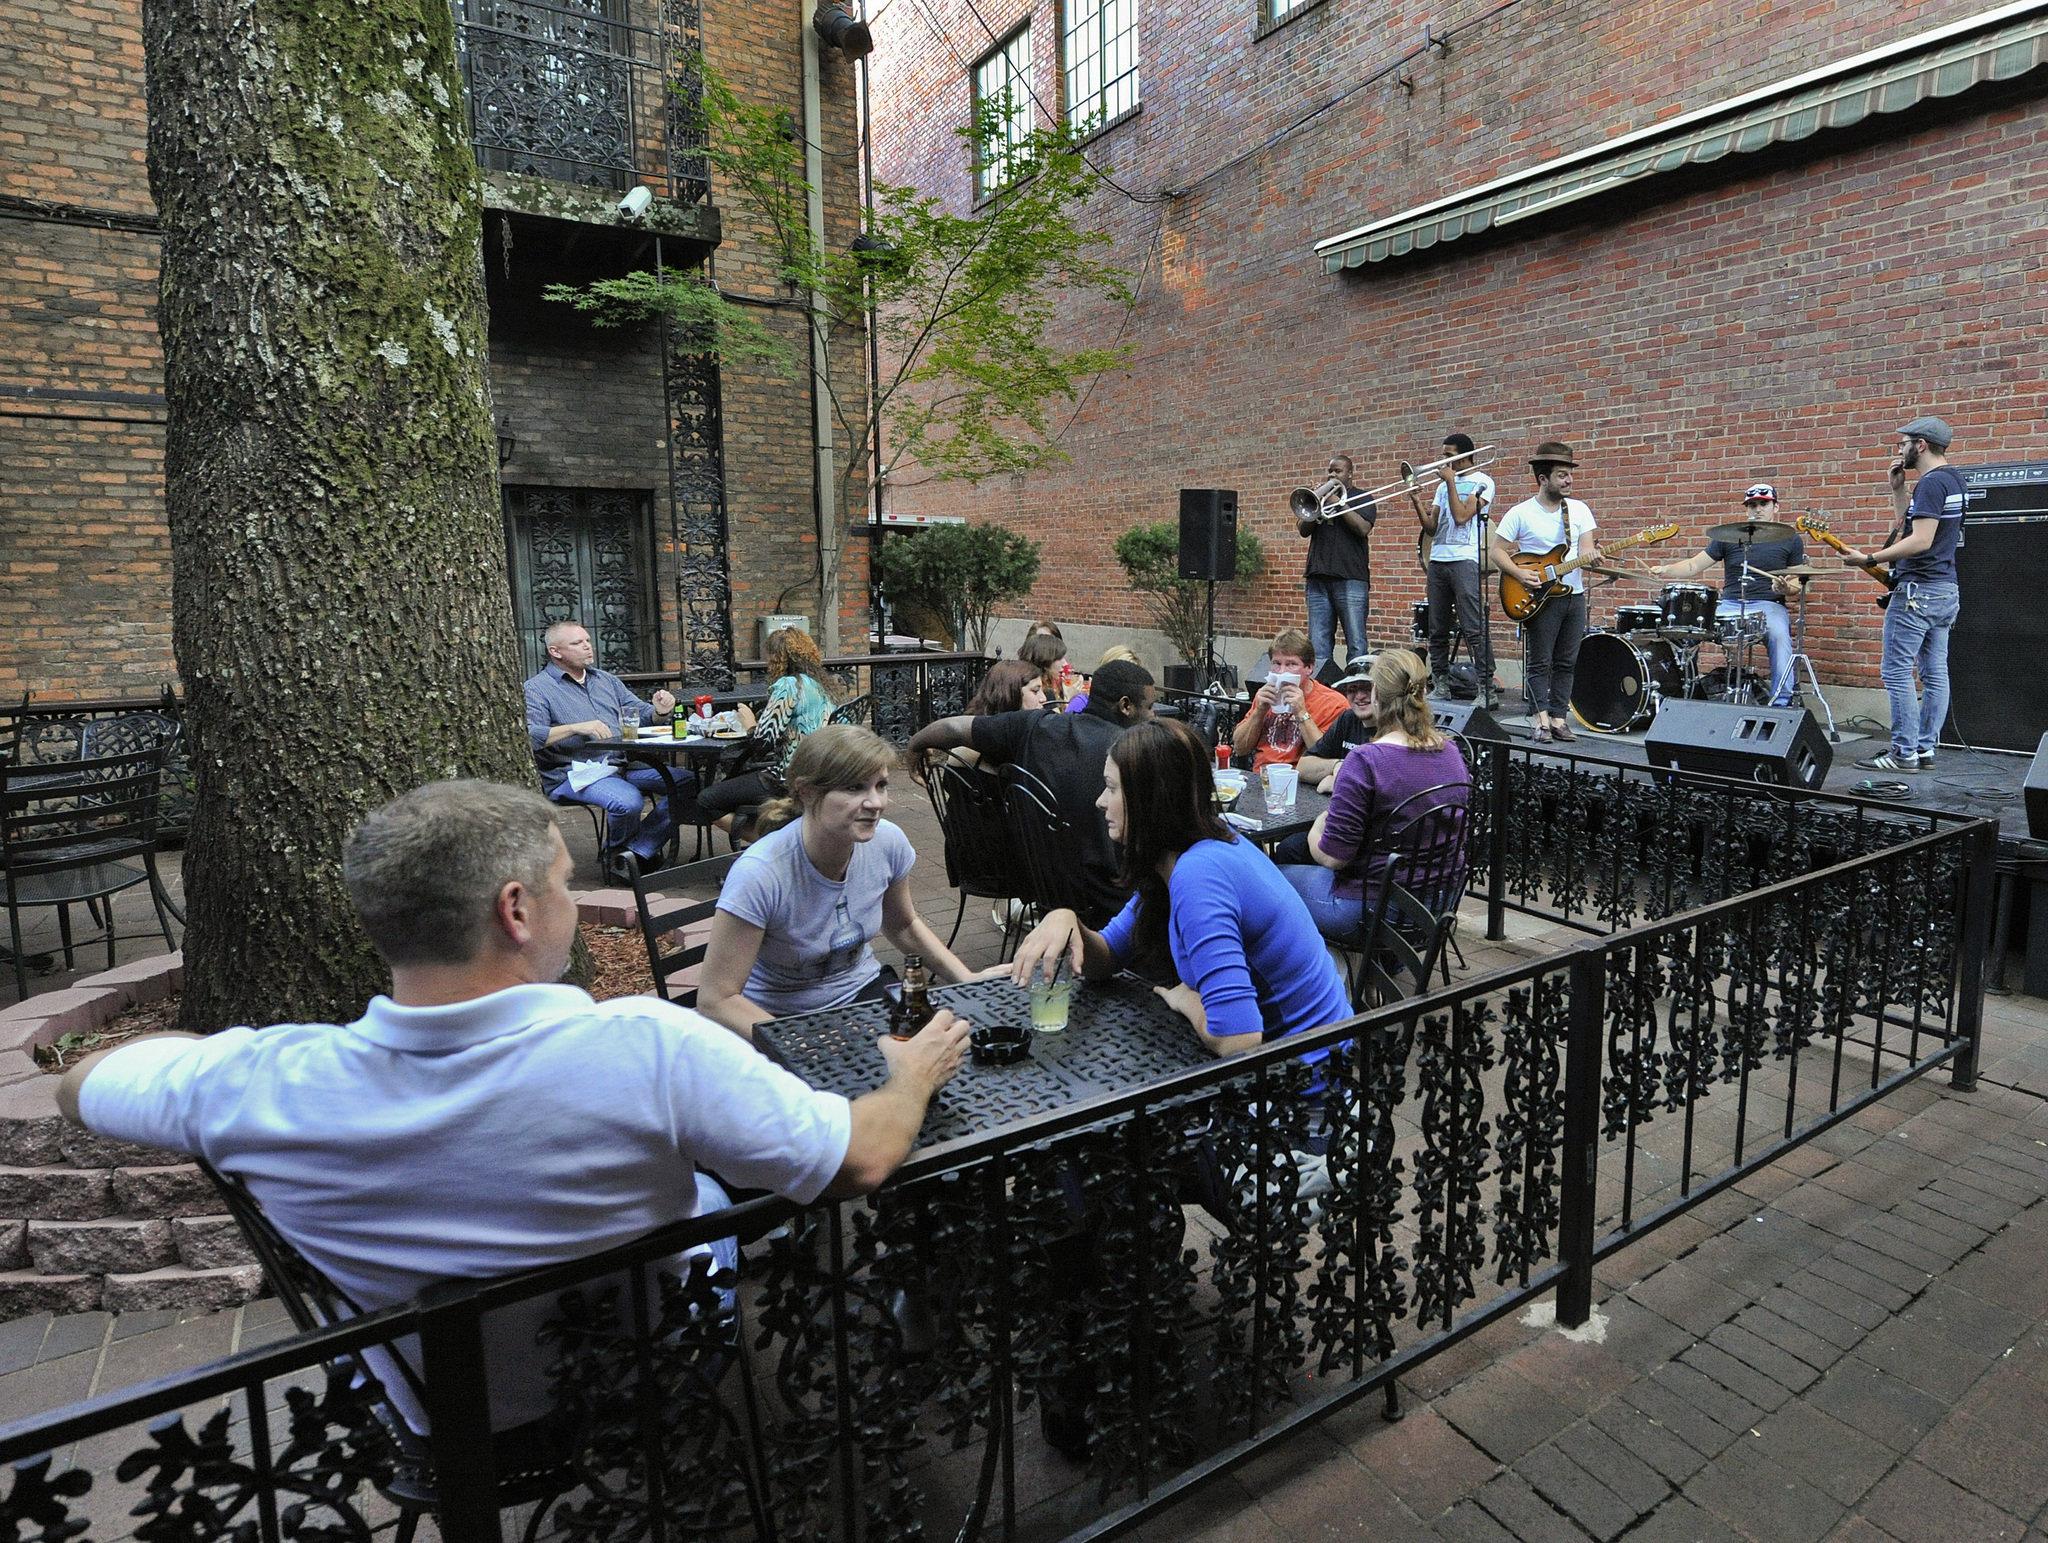 humphreys-patio-dining-0f0d092706c95195